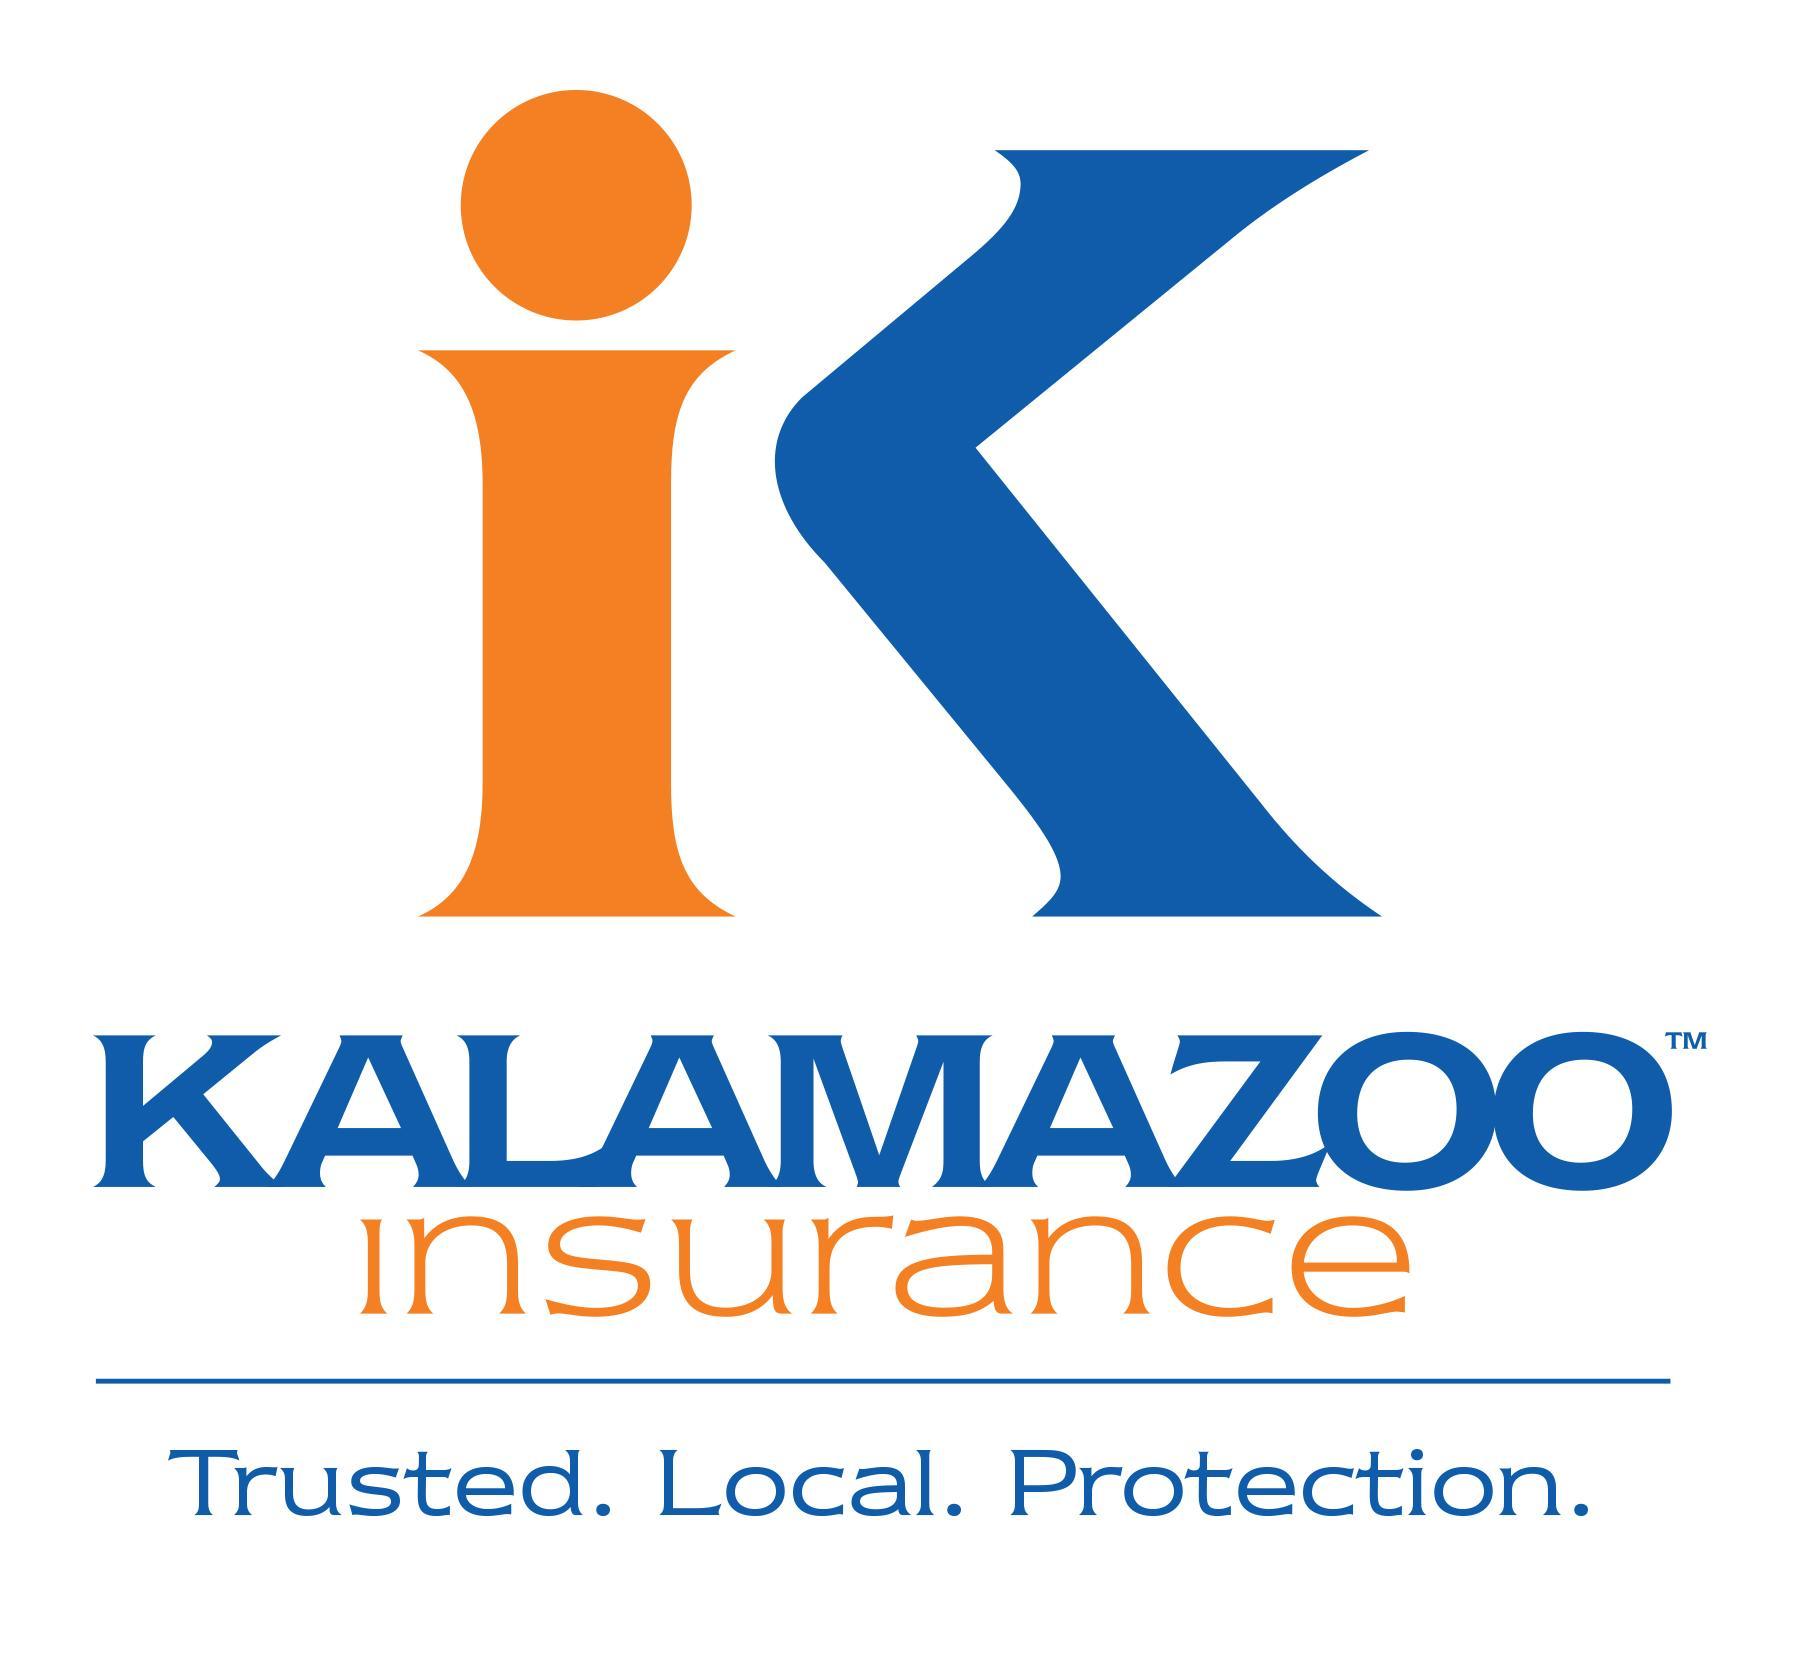 Profile image of Kalamazoo Insurance